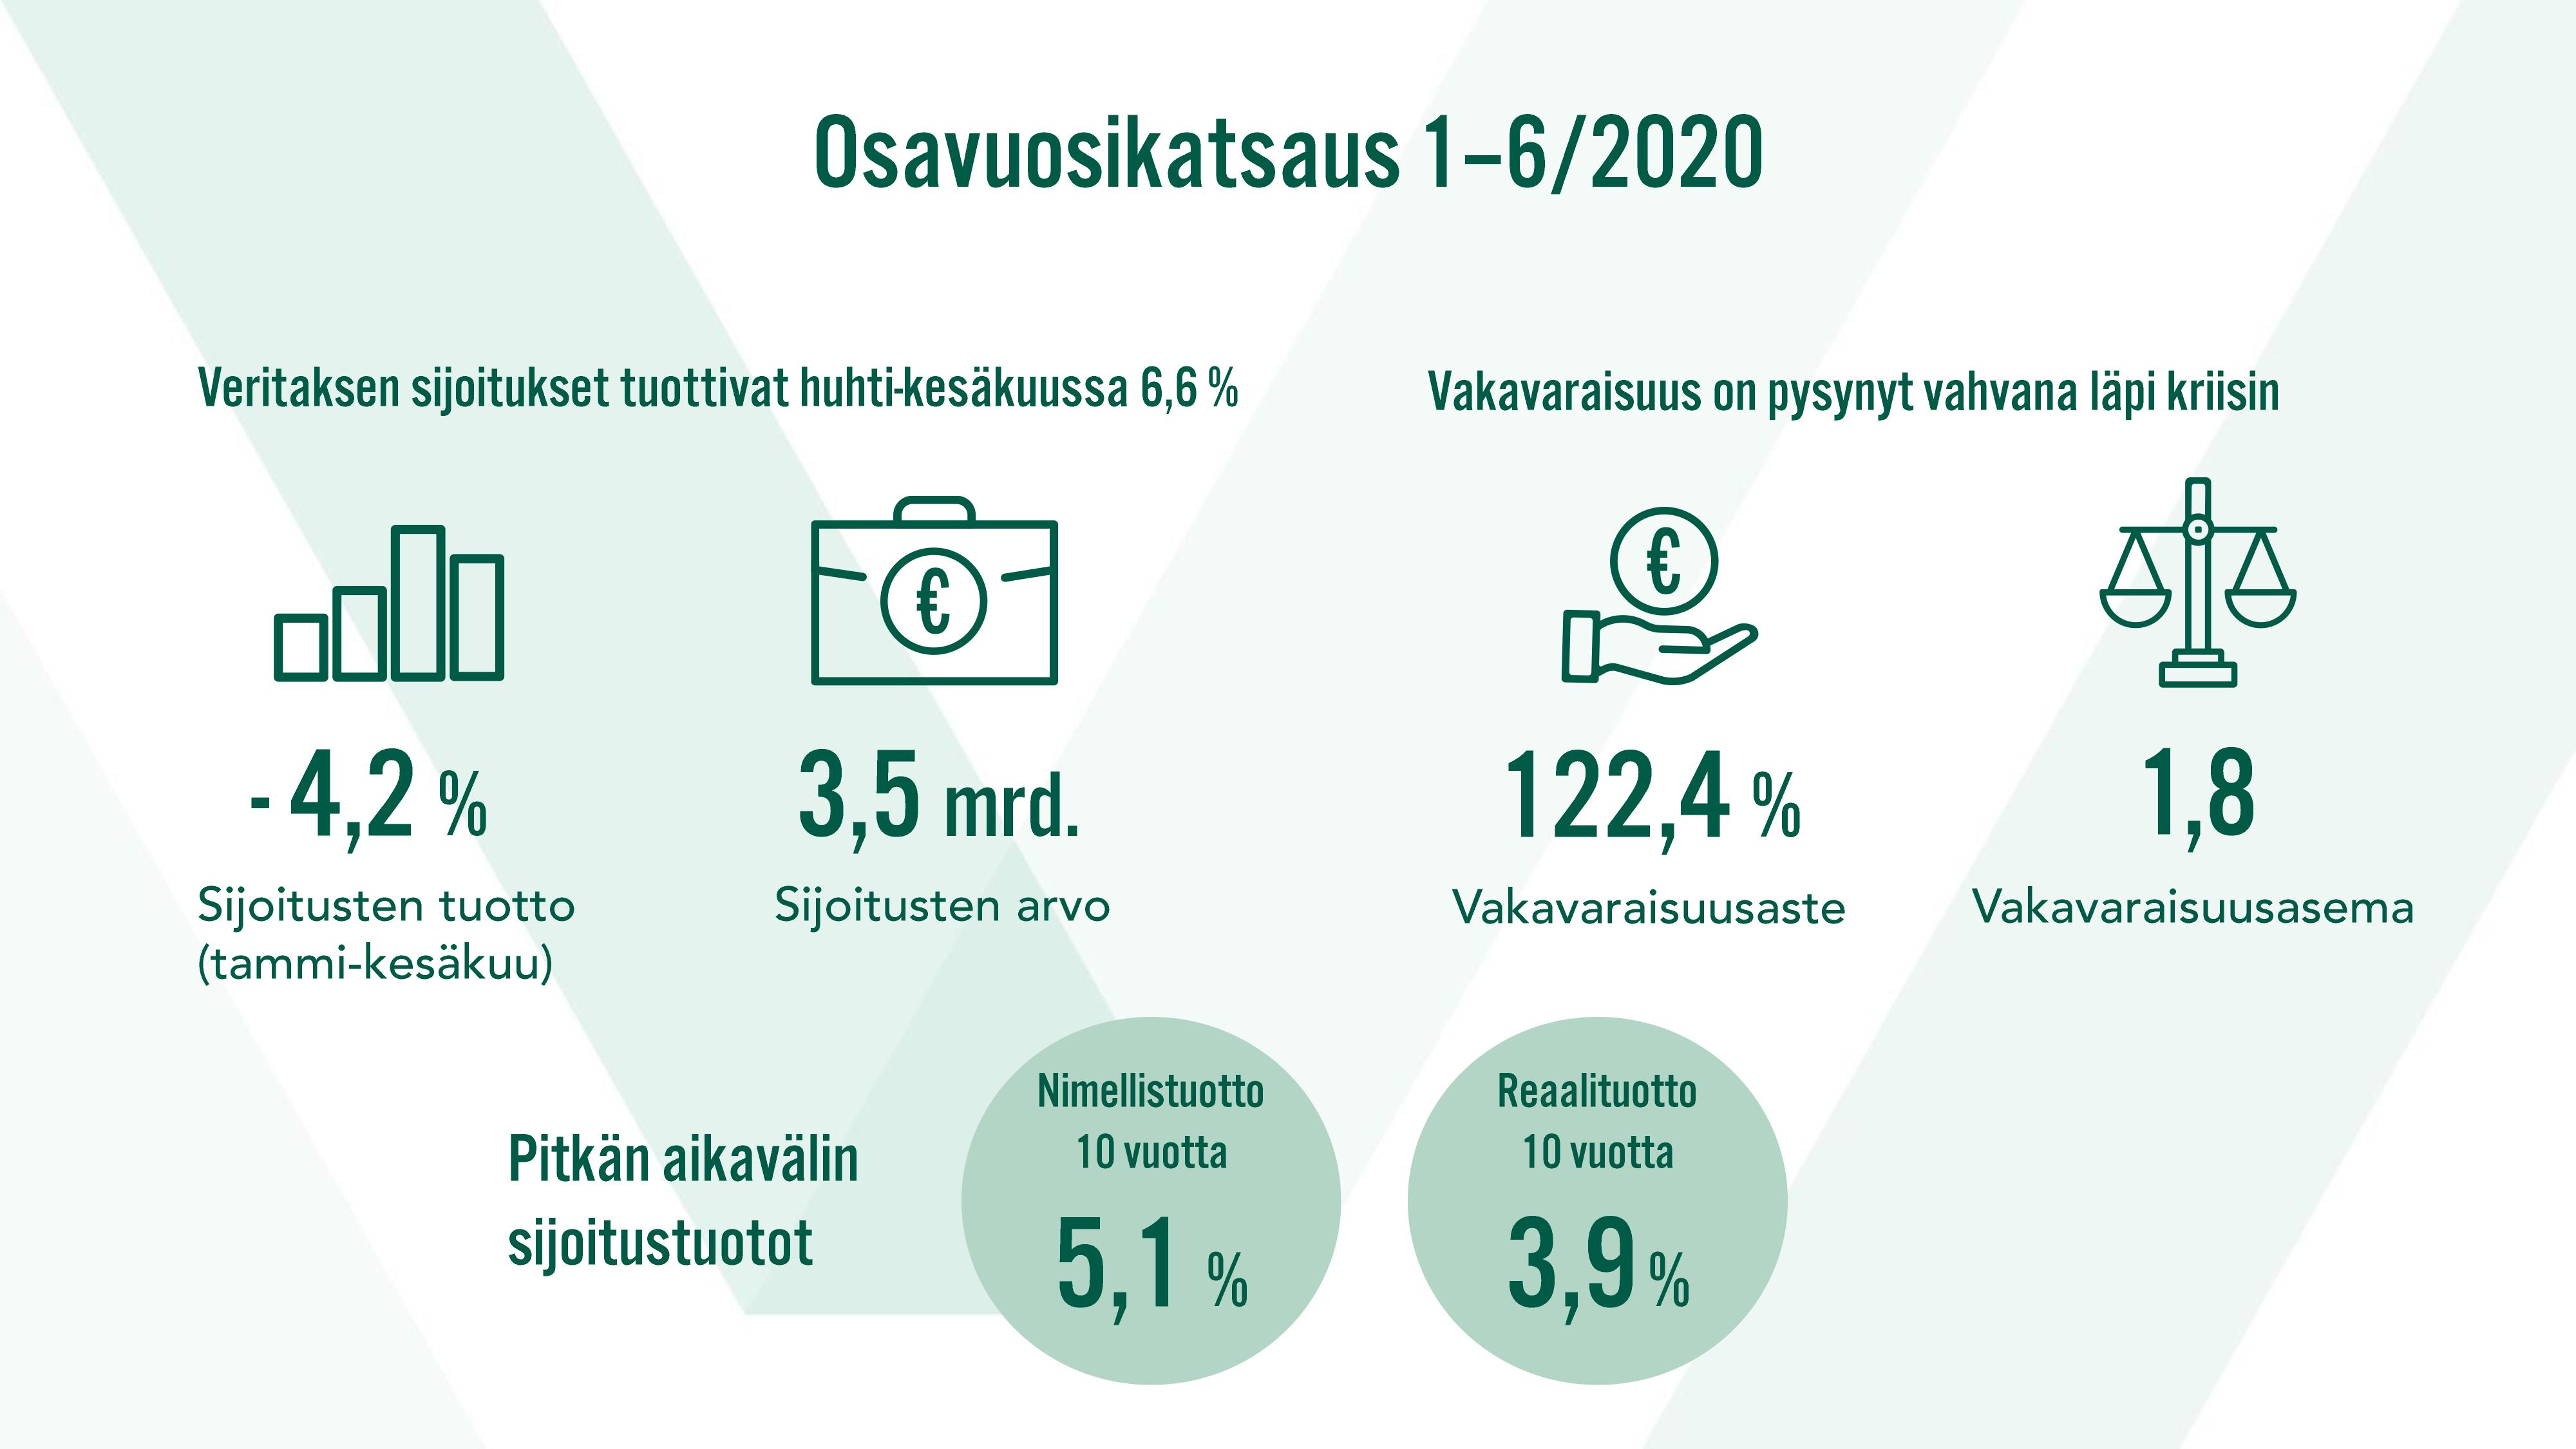 Veritaksen sijoitukset tuottivat huhti-kesäkuussa 6,6 %. Vakavaraisuus on pysynyt vahvana läpi kriisin.